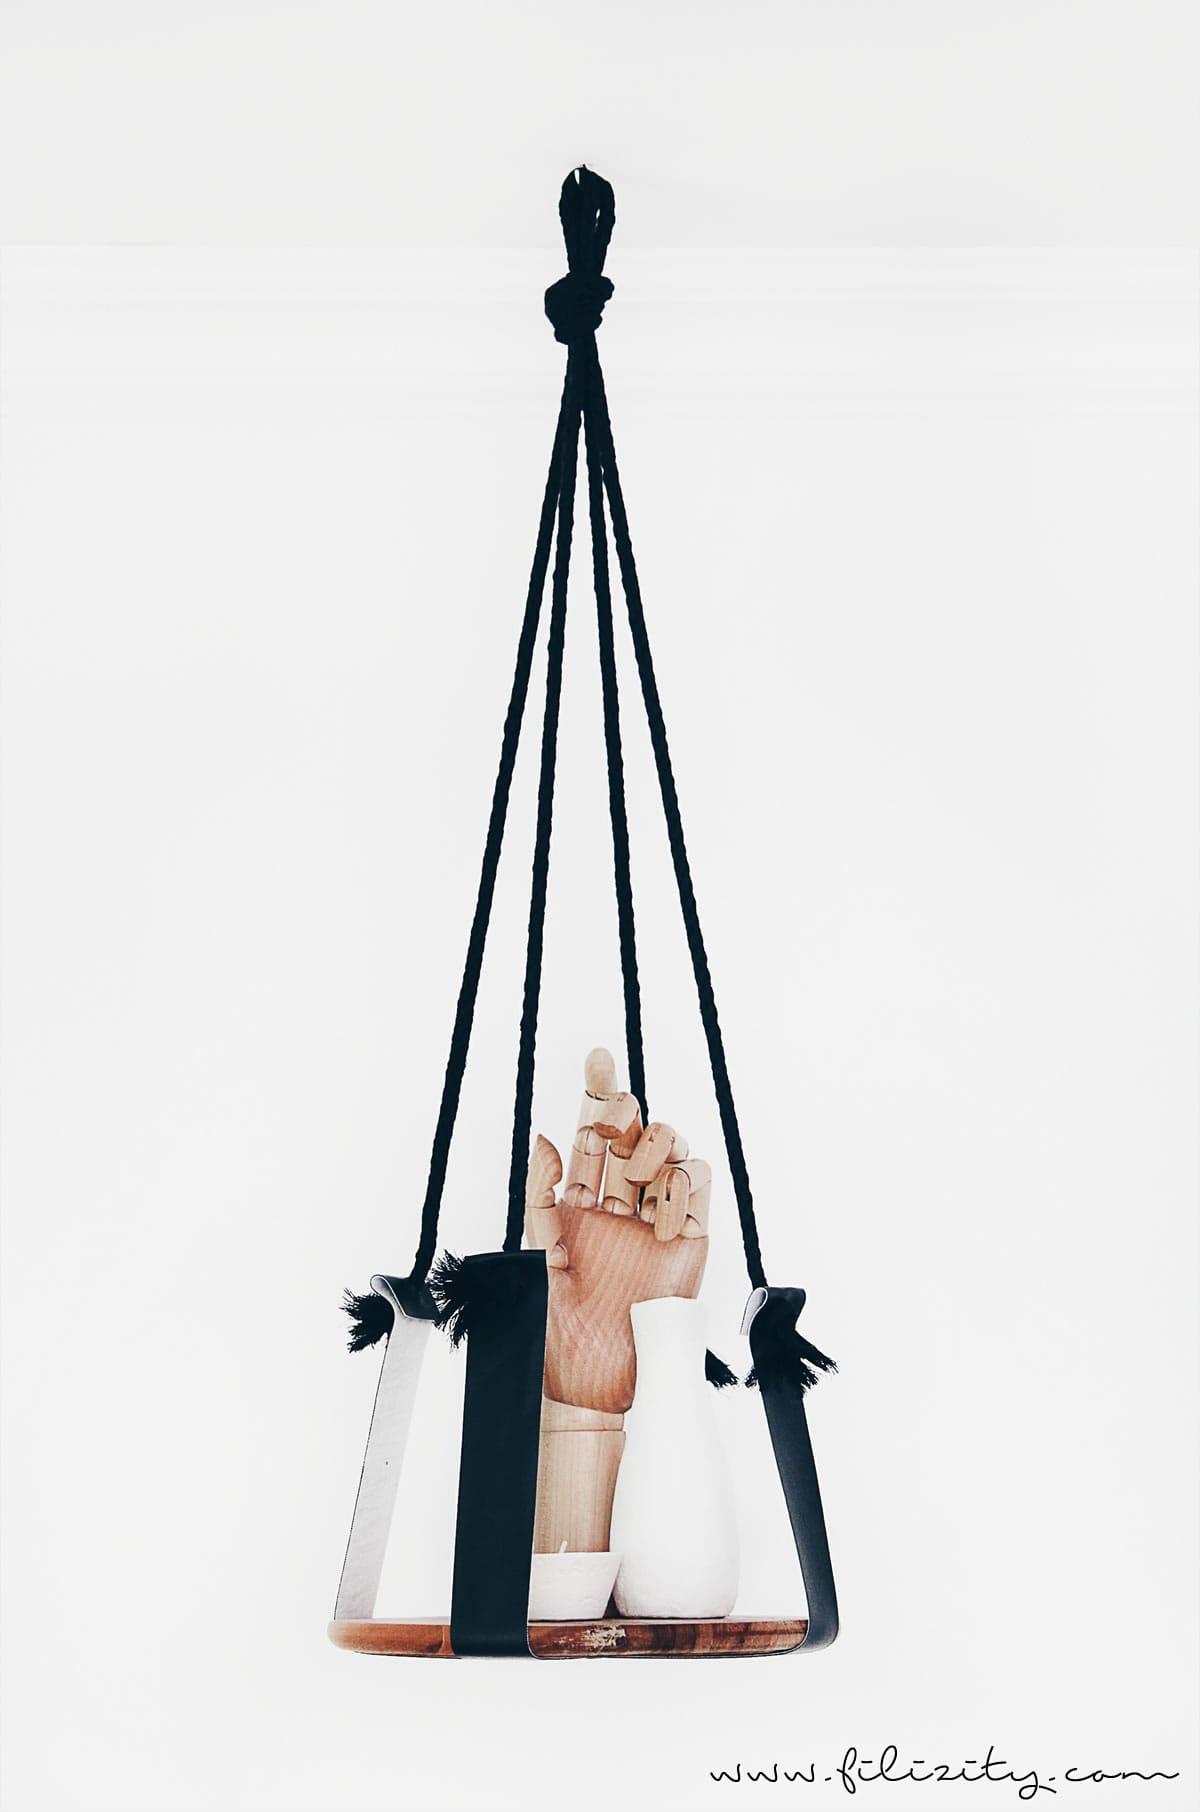 Wohntrend: Hänge-Deko | Holzregal mit Seil und Leder